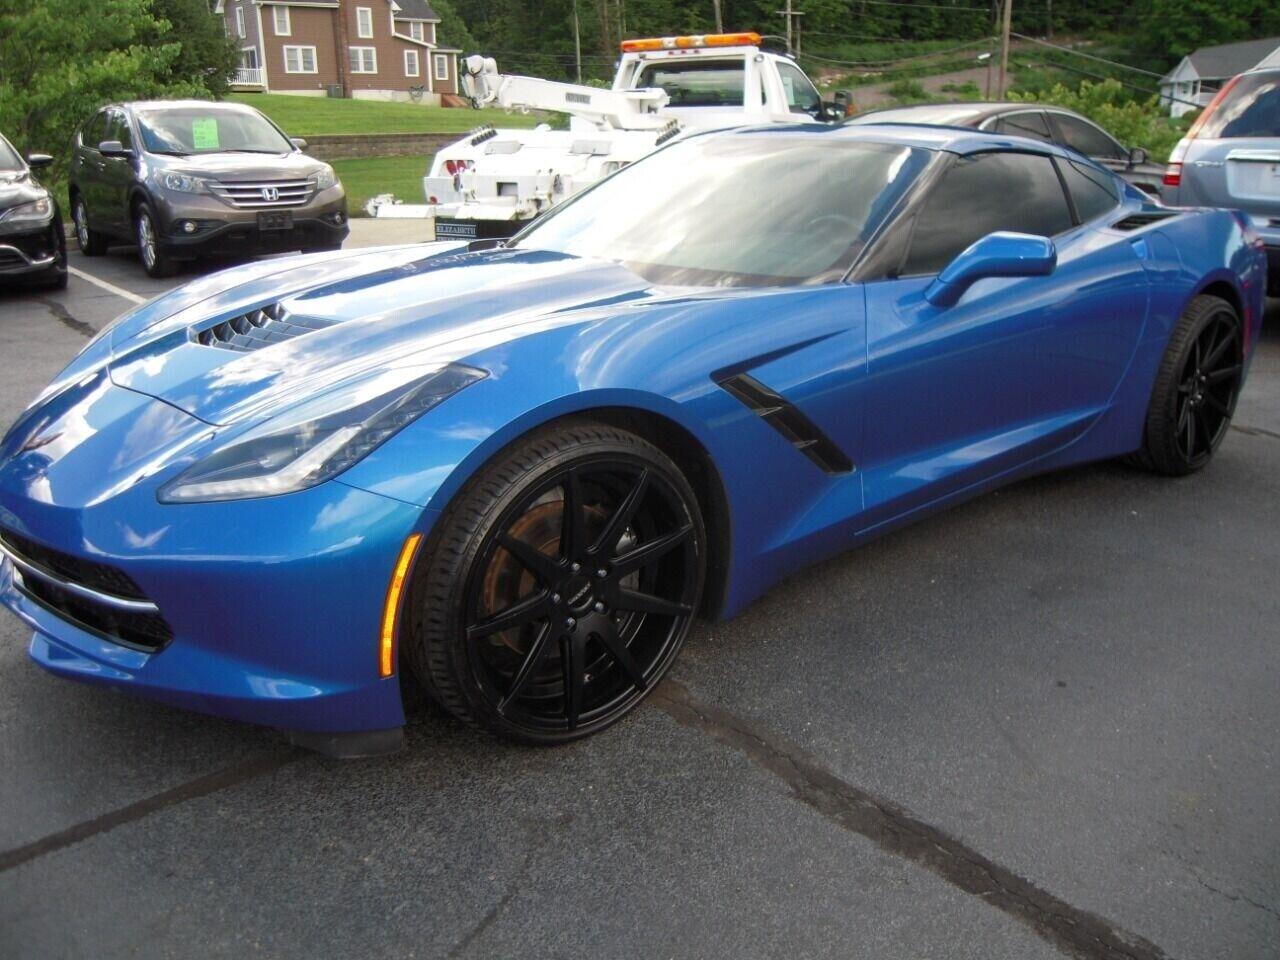 2014 Blue Chevrolet Corvette  1LT | C7 Corvette Photo 1